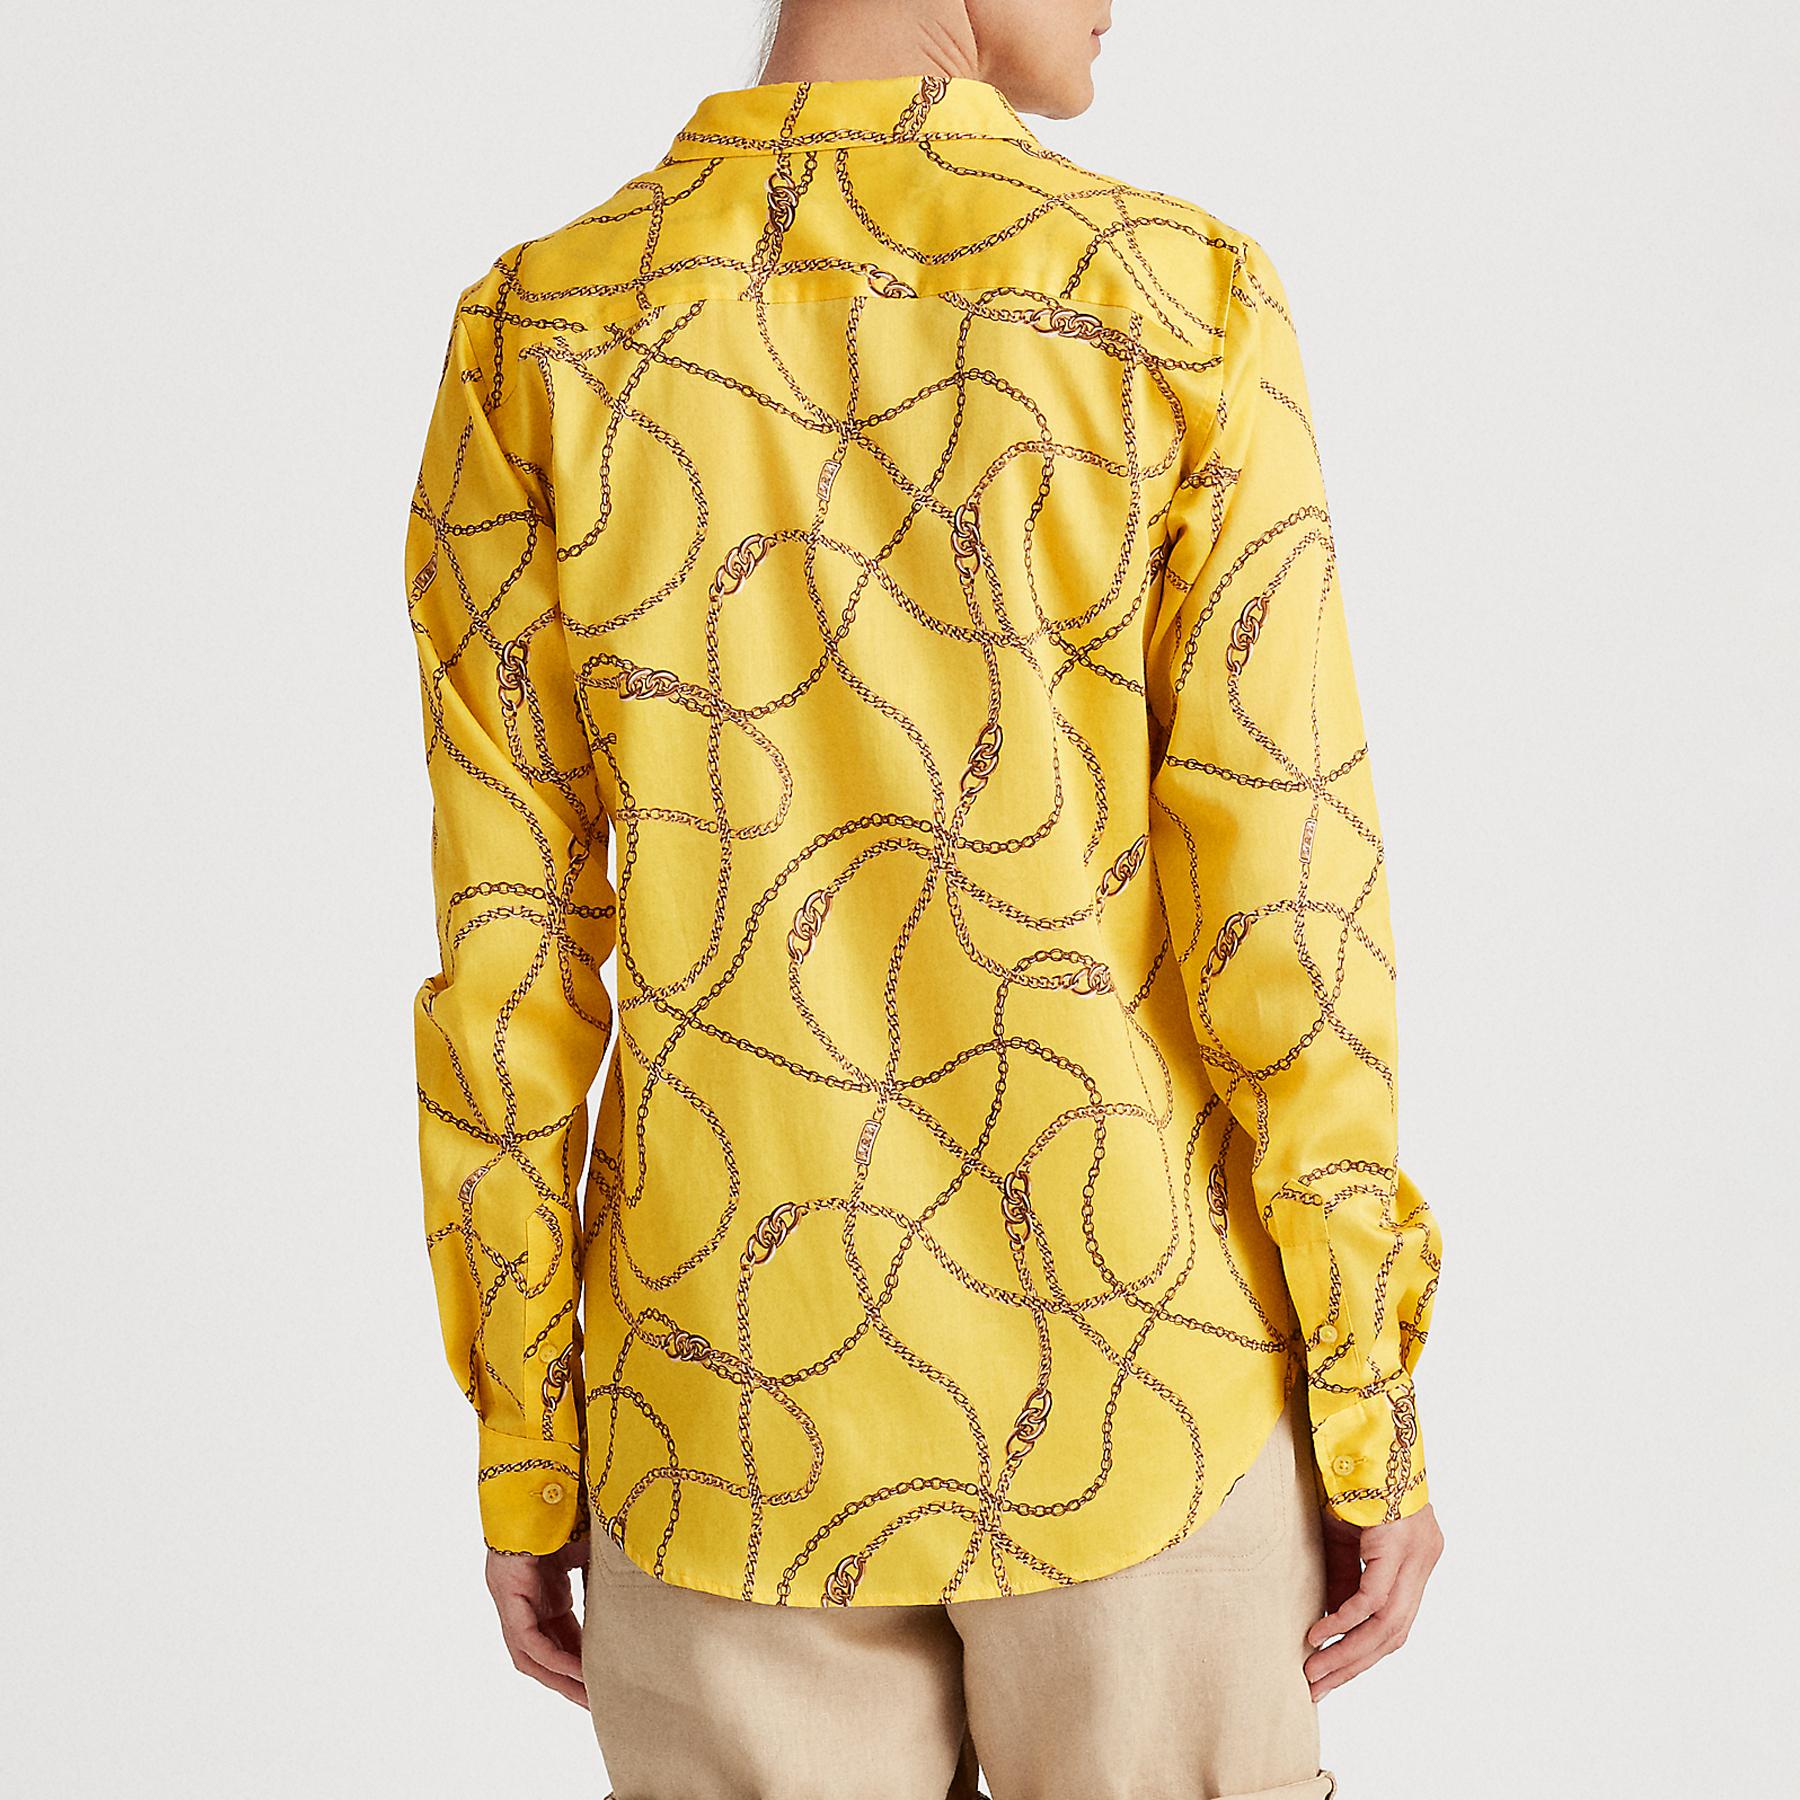 Camisa Mujer Lauren Ralph Lauren Jamelko Dandelion Fields